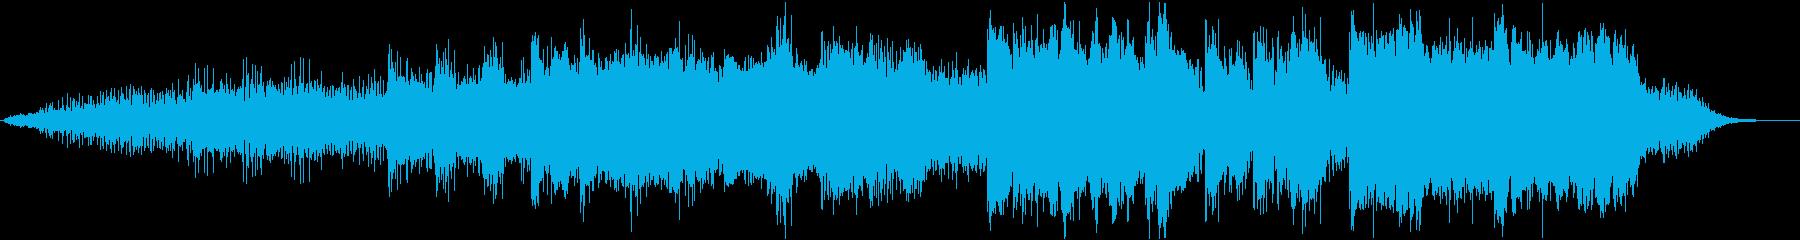 ノイジーで抽象的な実験的な楽曲の再生済みの波形